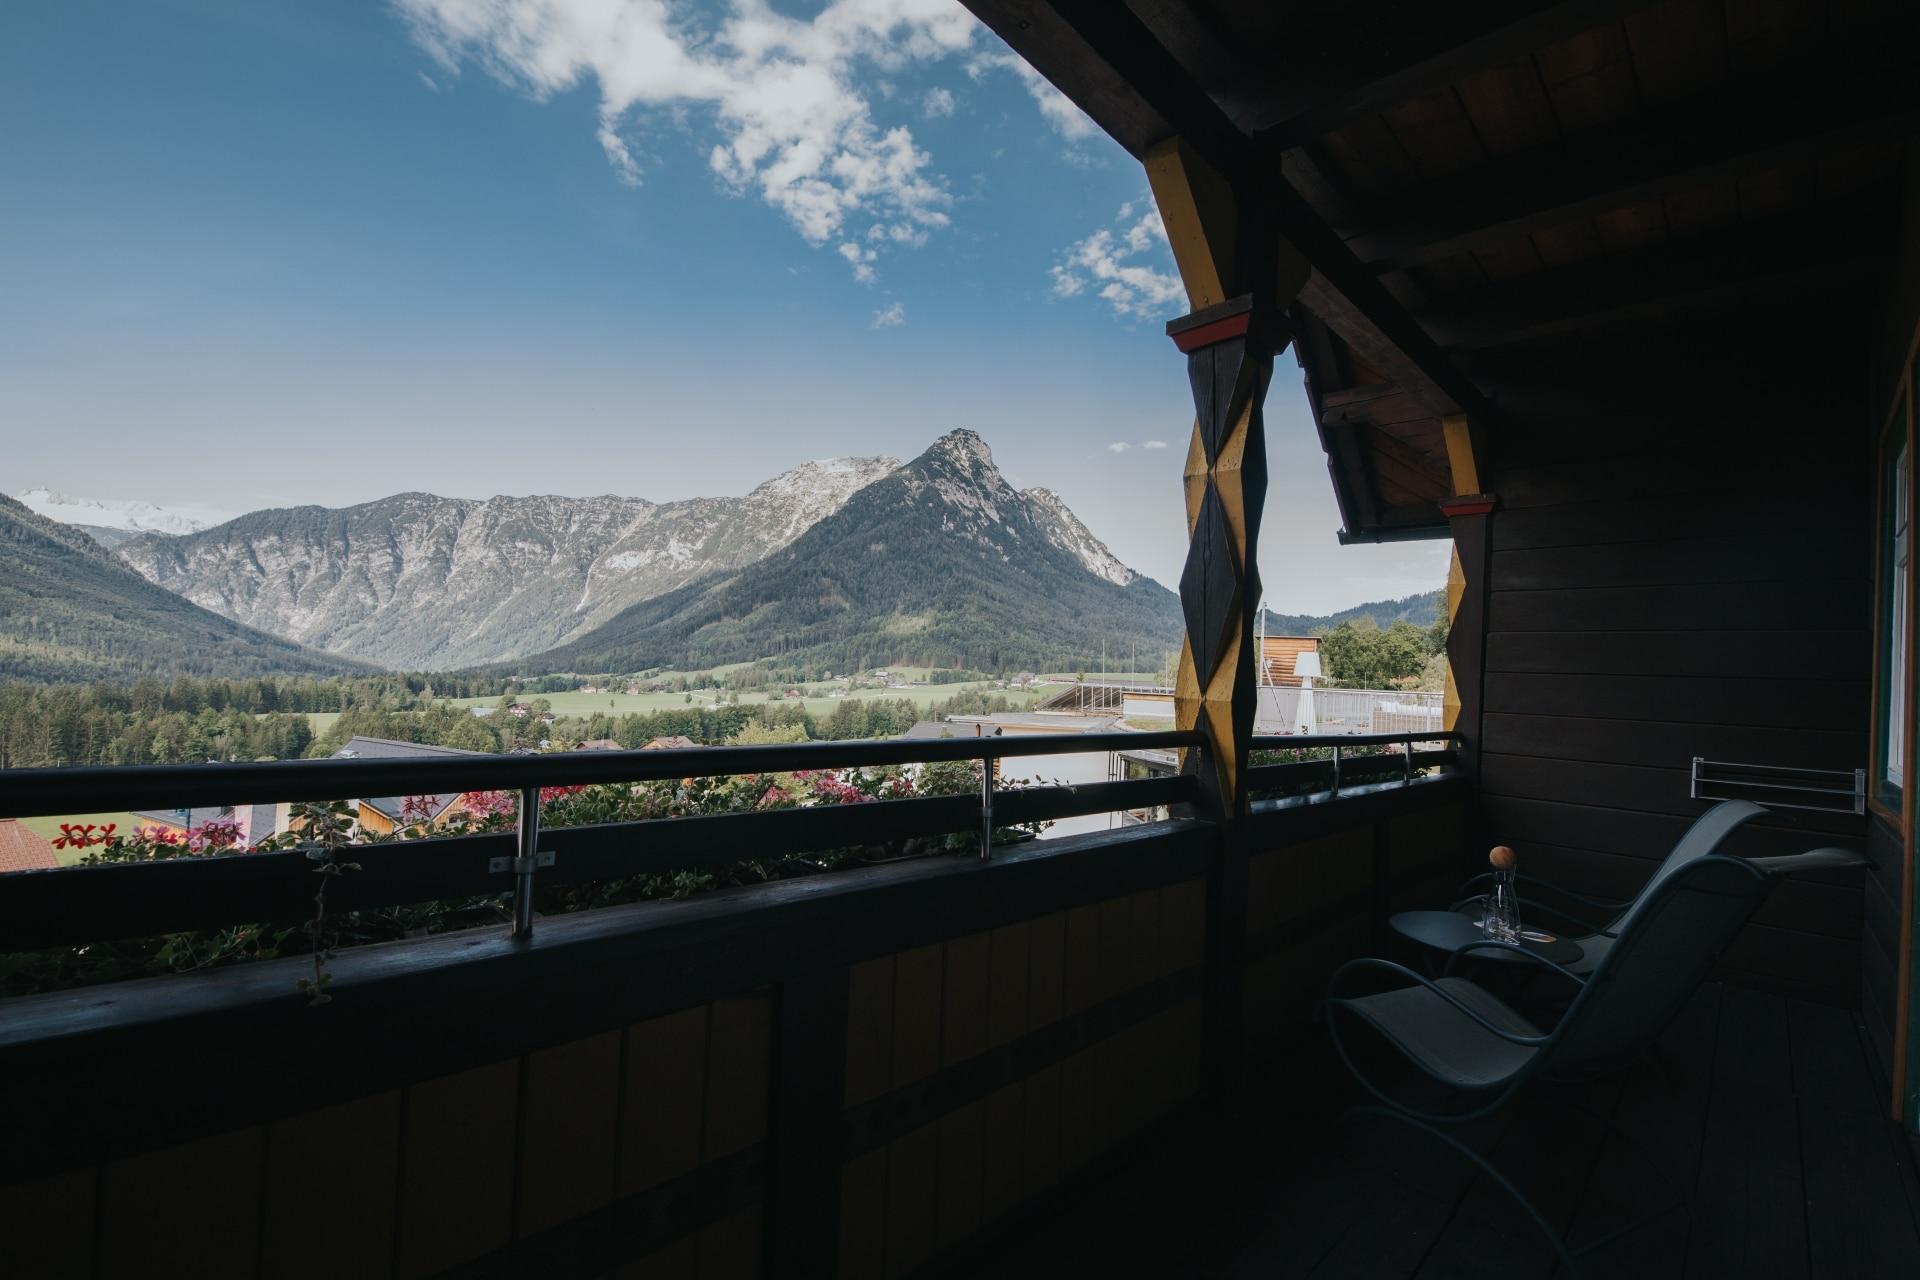 Aublick von der traditionellen WASNERIN auf die umliegende Bergwelt und dem Dachsteingletscher